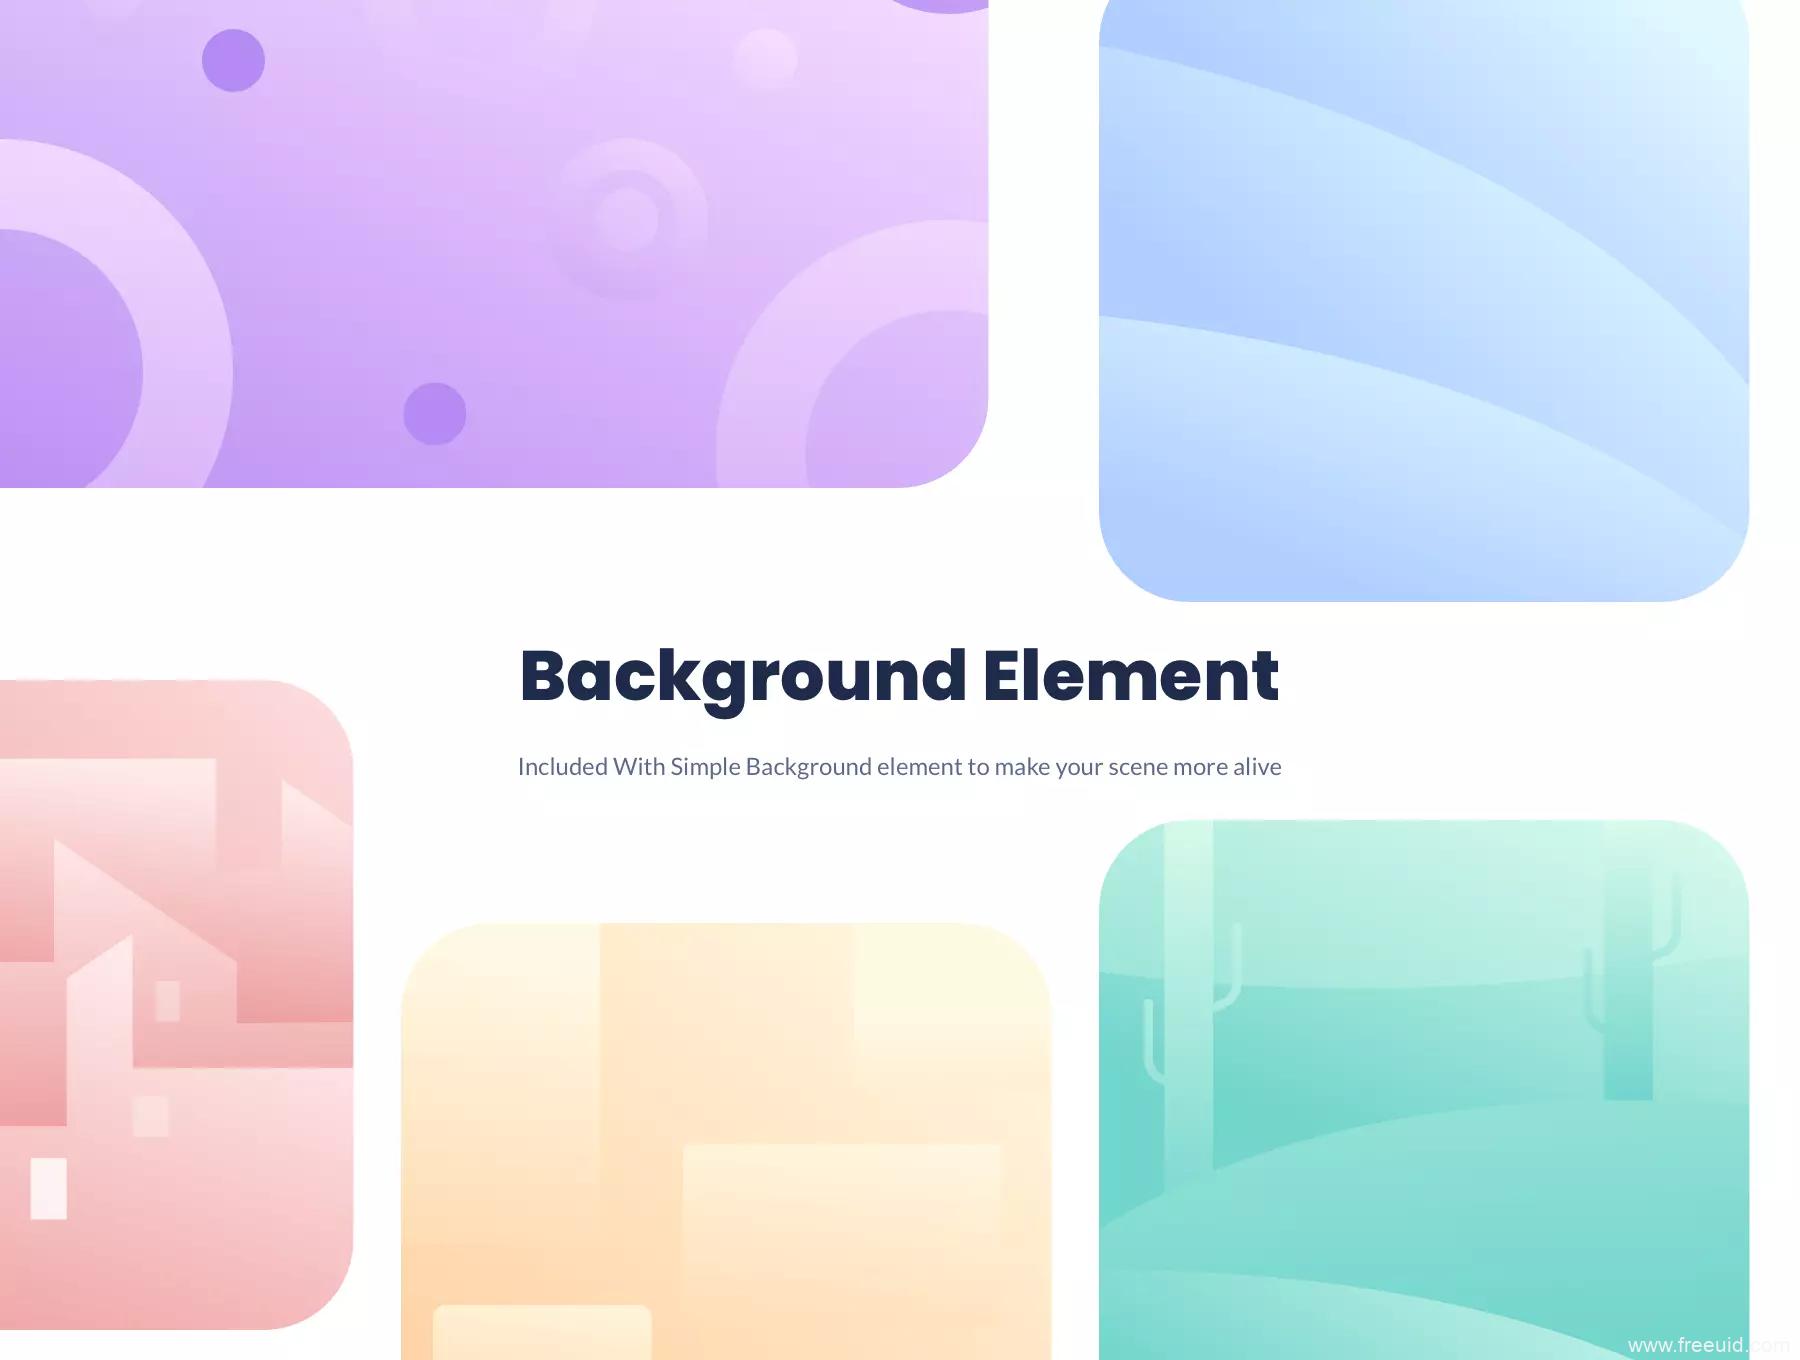 一套2D运营插画组件化kit源文件,人物、场景、道具插画系统组件 xd,svg,sketch,fig,ai源文件下载